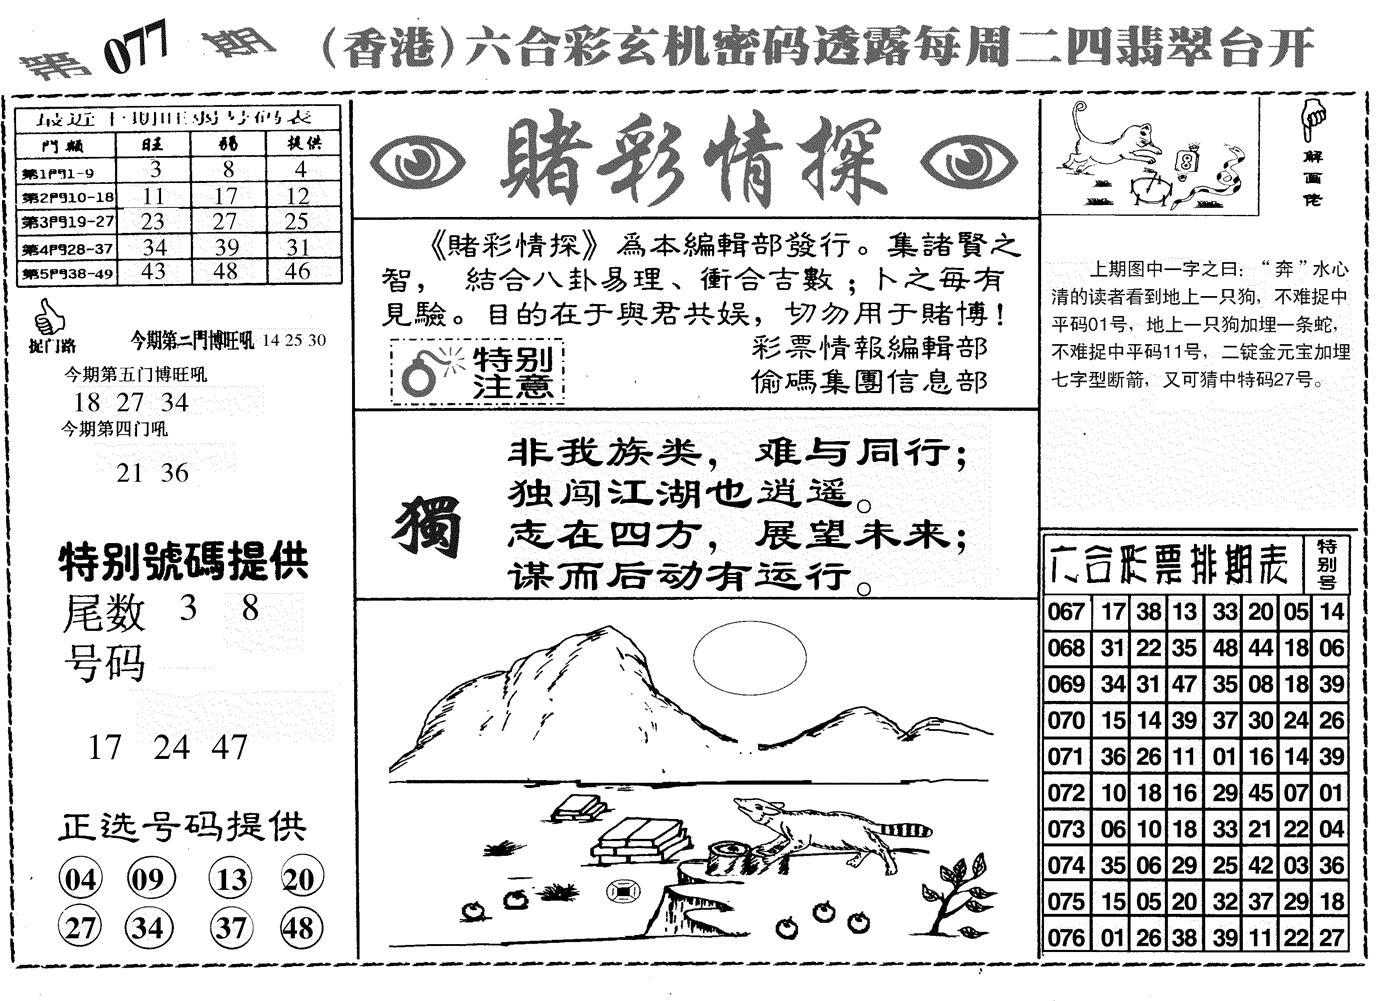 077期堵彩情探(黑白)